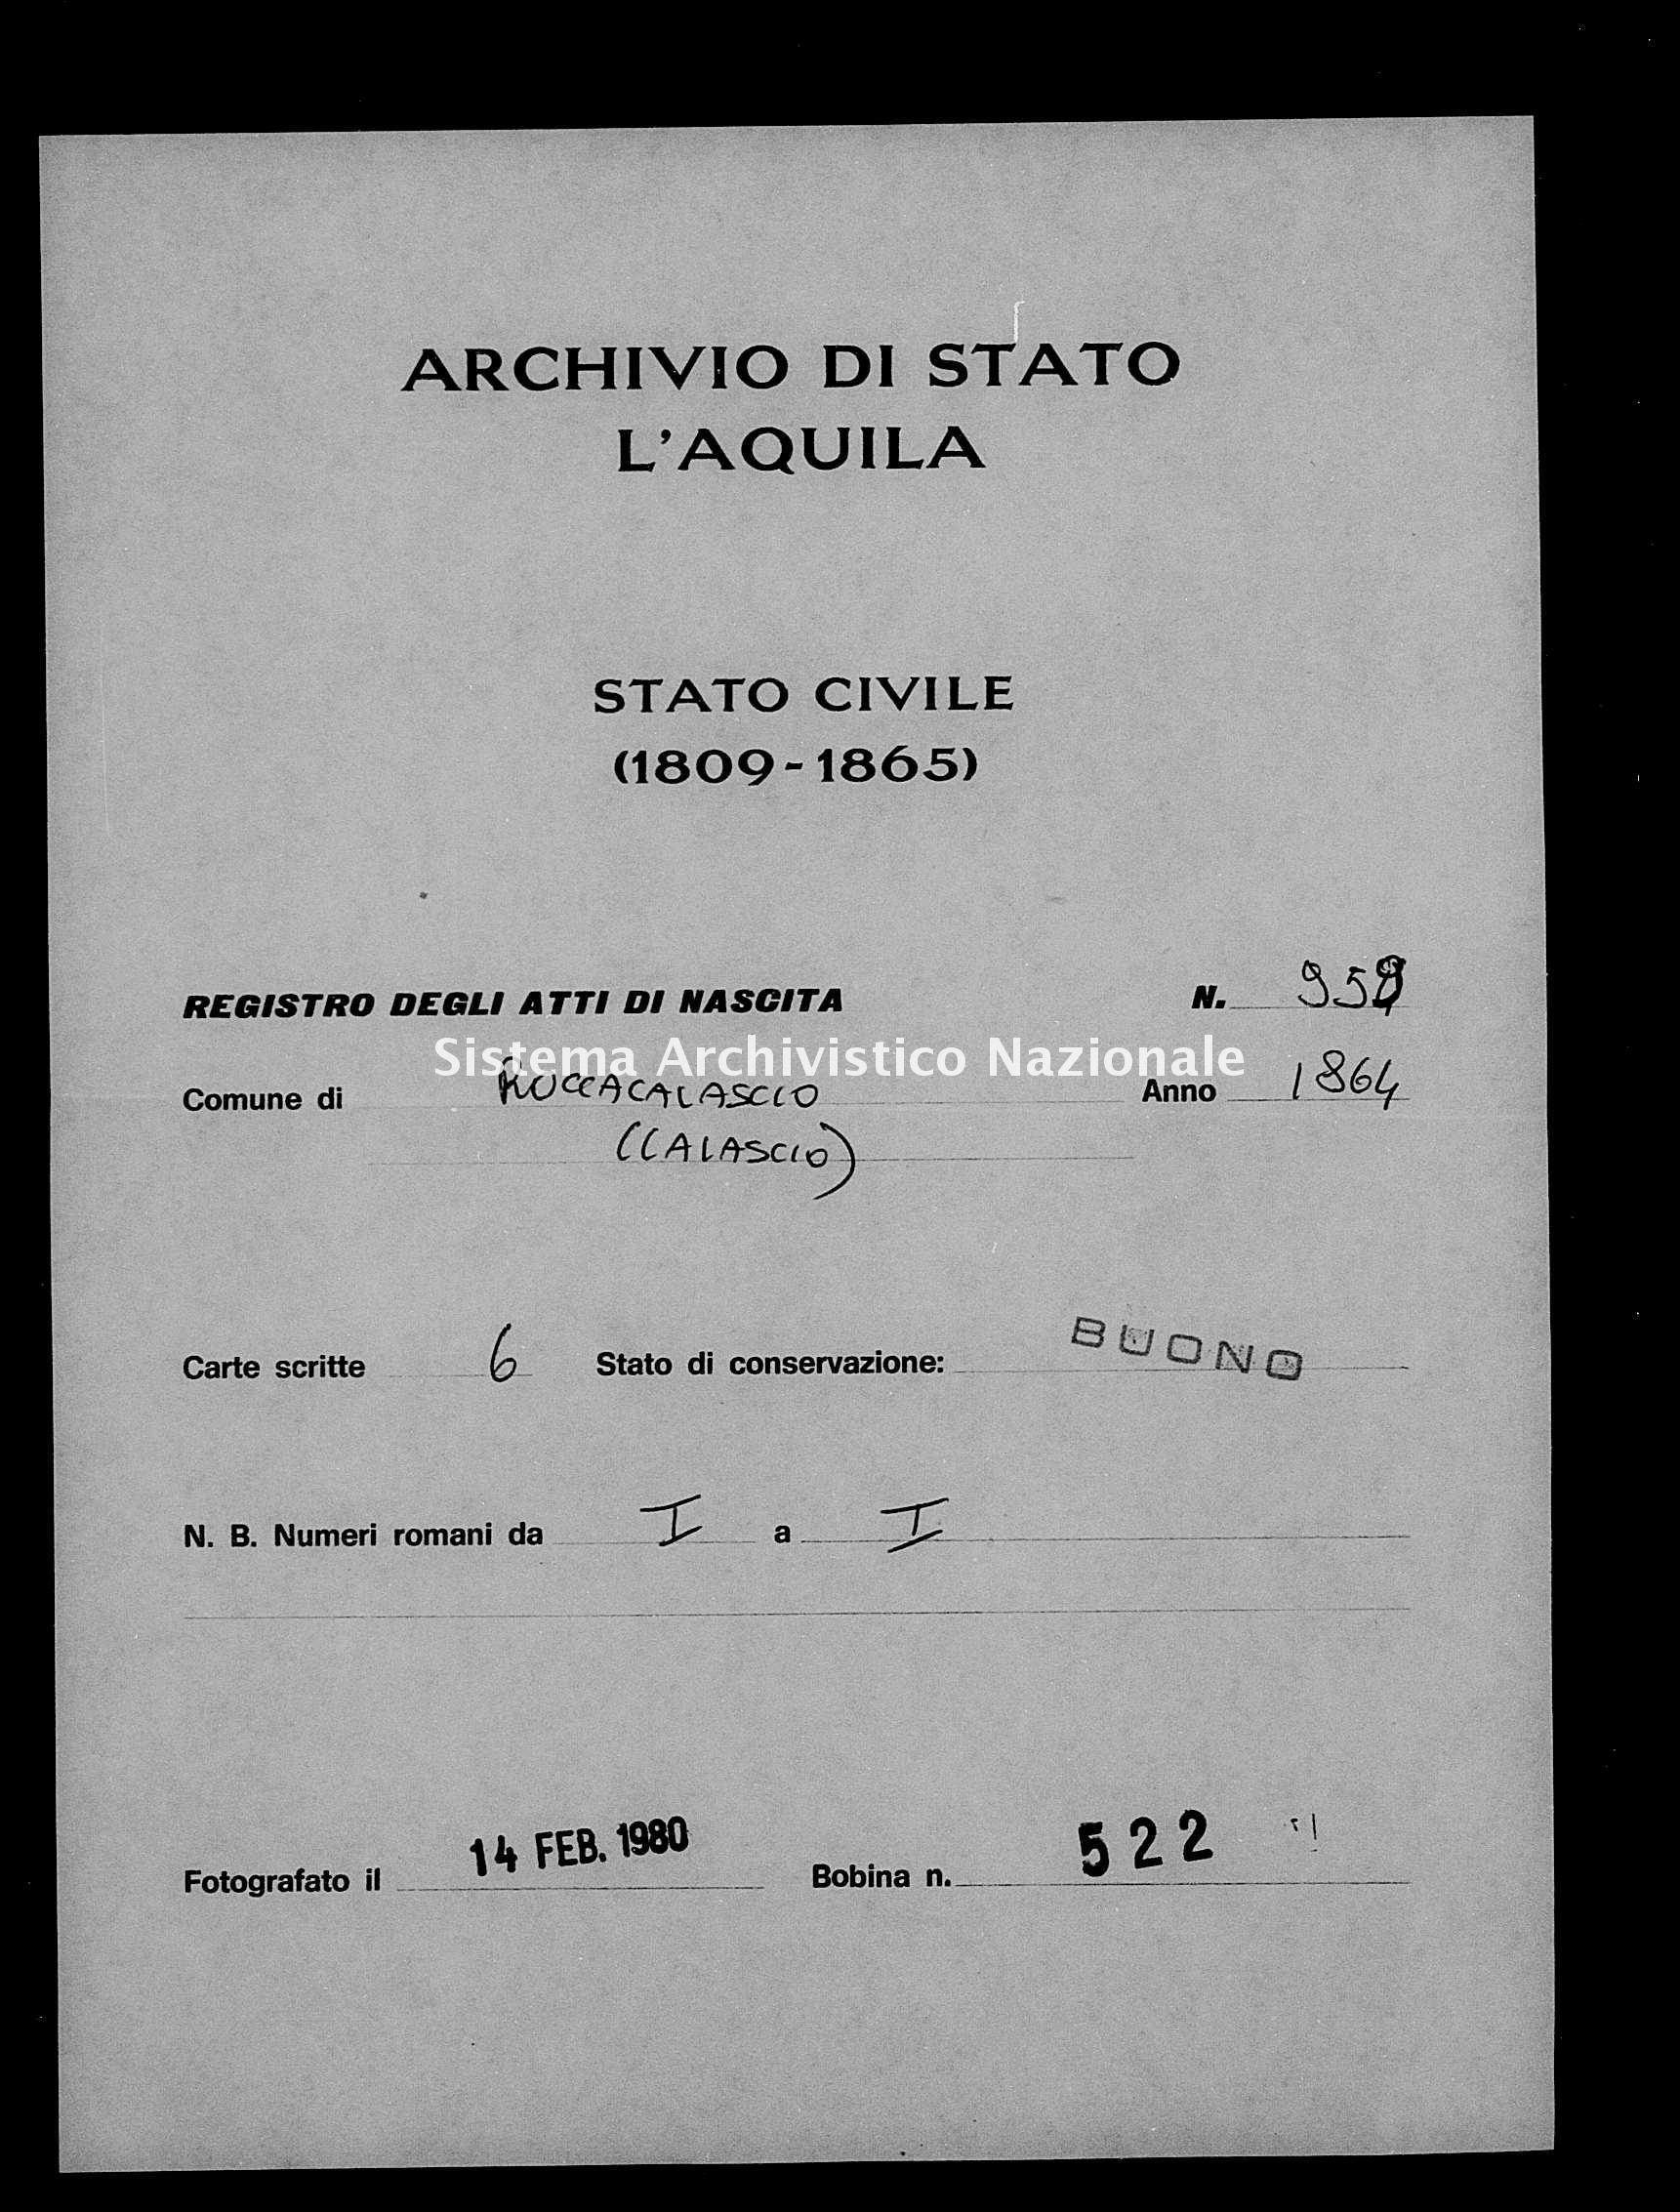 Archivio di stato di L'aquila - Stato civile italiano - Rocca Calascio - Nati - 1864 - 959 -